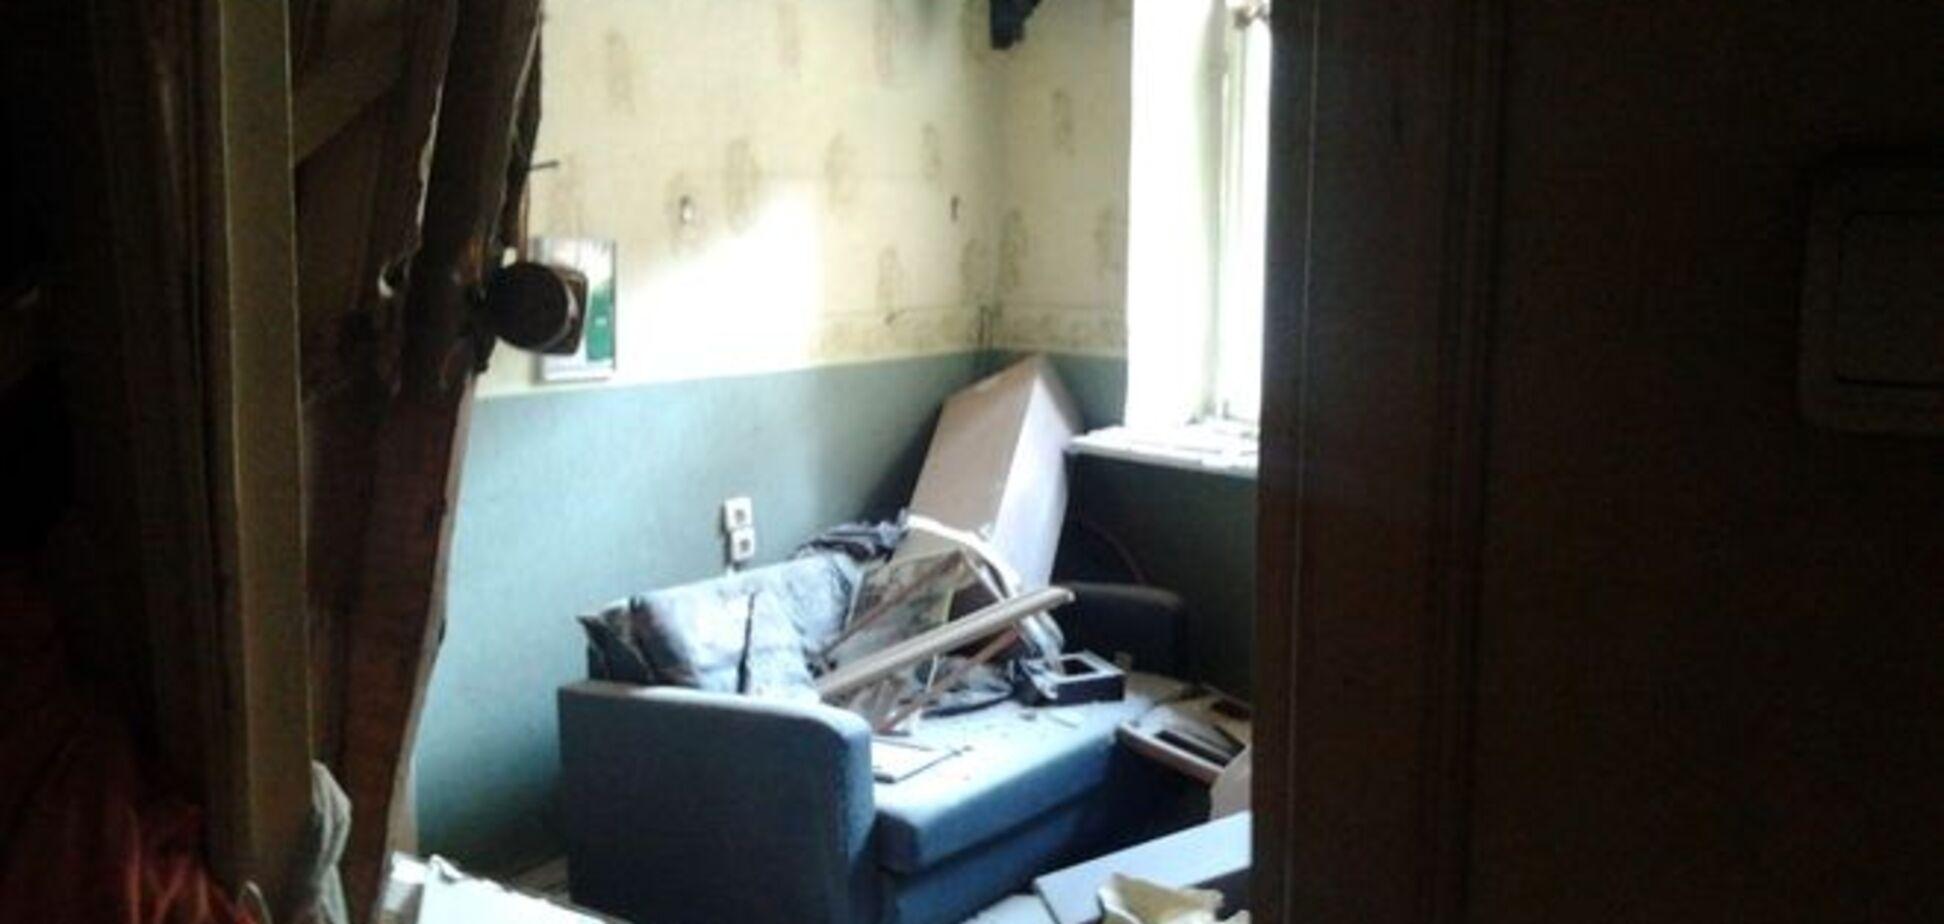 У Краматорську чоловік кинув у квартиру вибухівку: загинула жінка